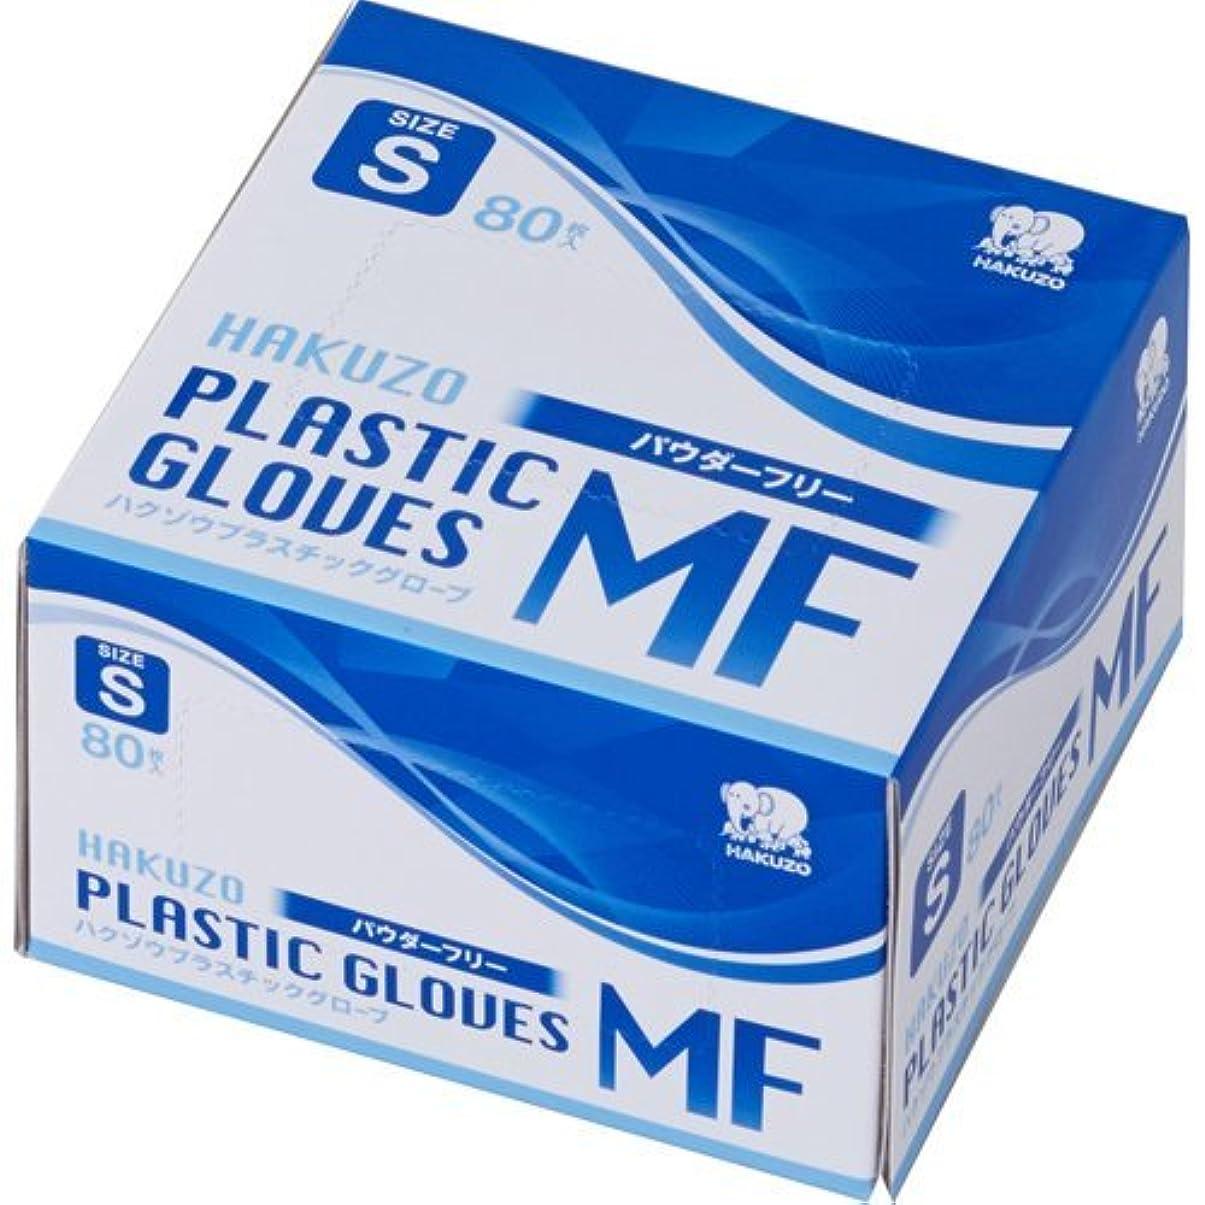 不適当フレアボイコットハクゾウメディカル ハクゾウ プラスチックグローブMF パウダーフリー Sサイズ 80枚入